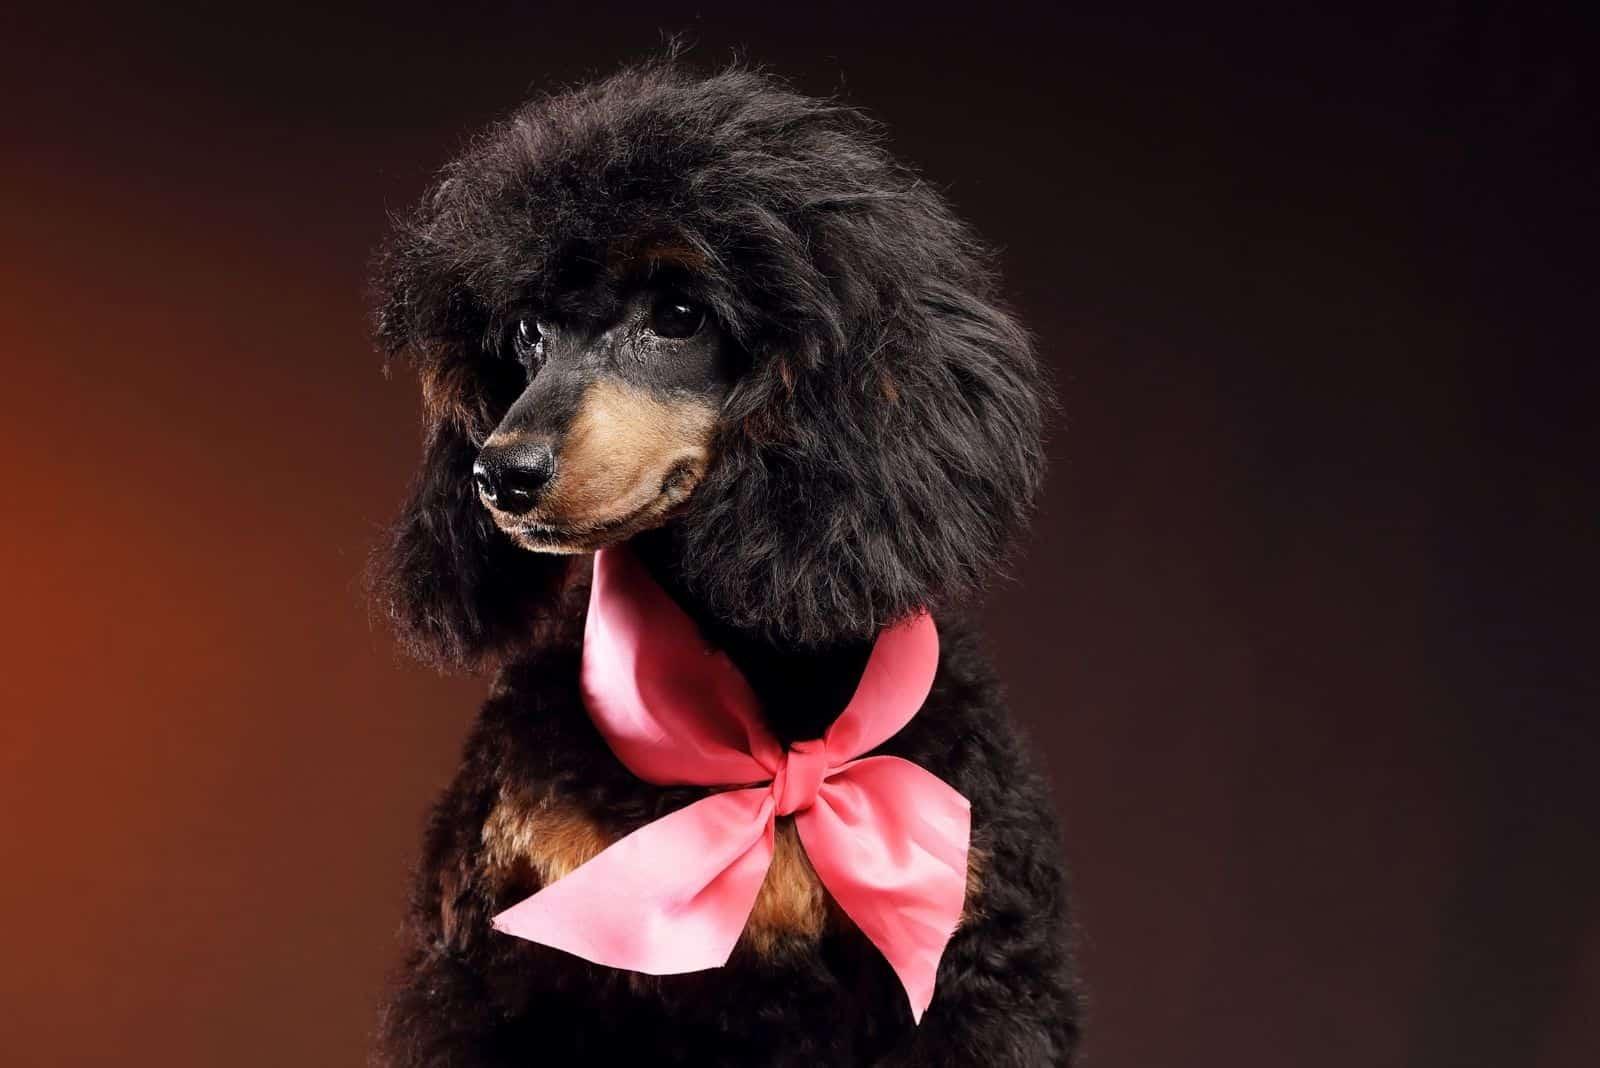 phantom black poodle standing in the dark